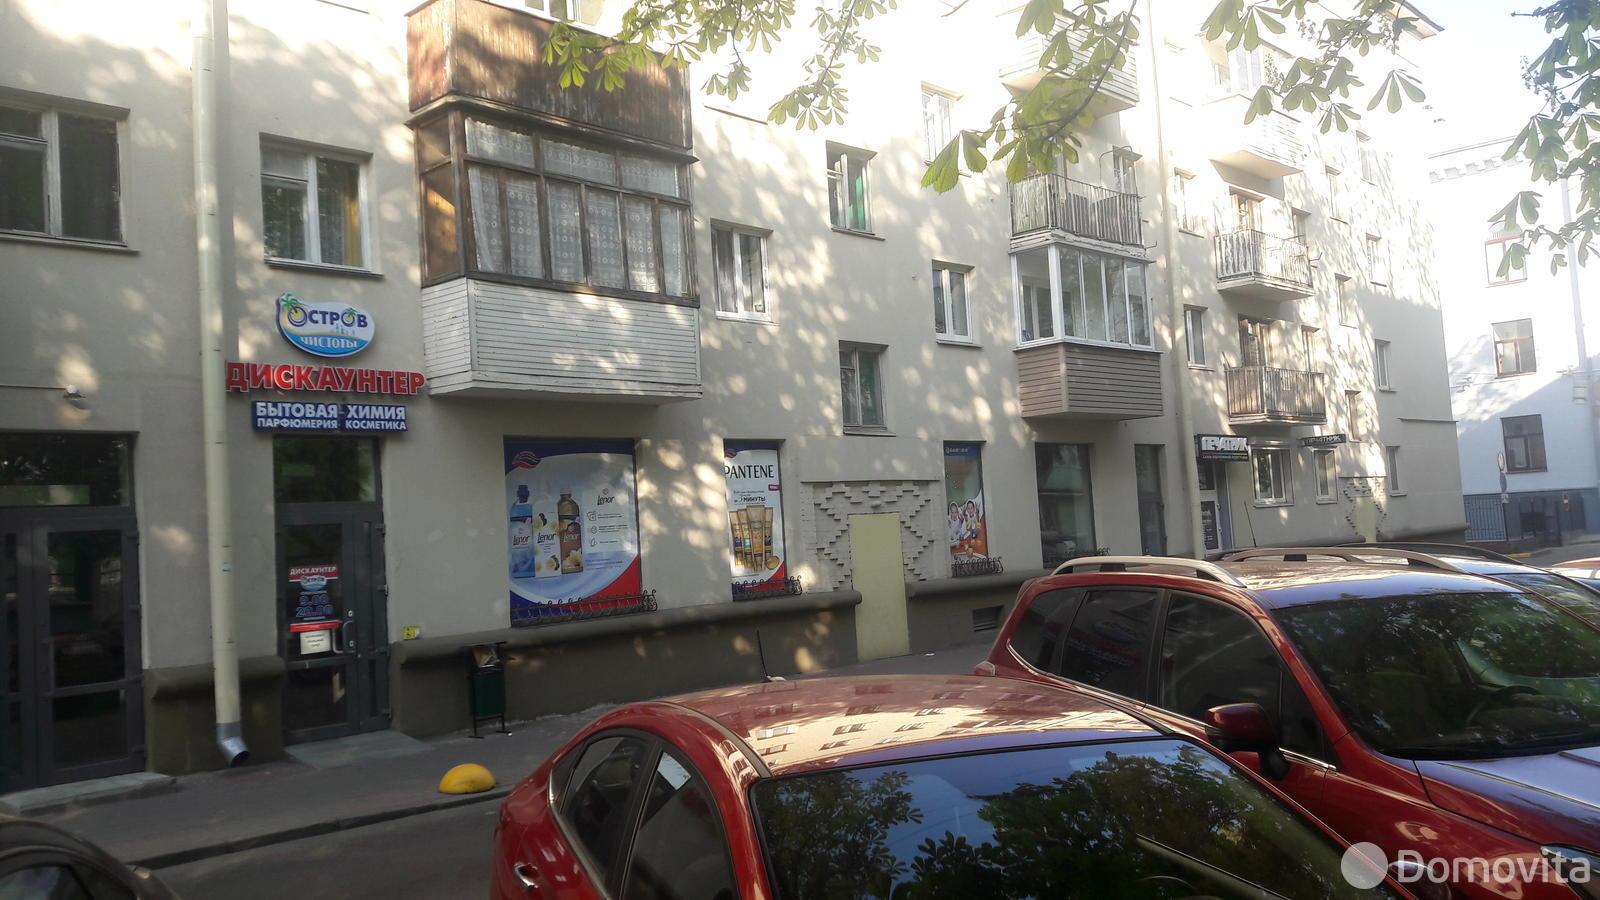 Снять торговое помещение на ул. Дорошевича, д. 4 в Минске - фото 5